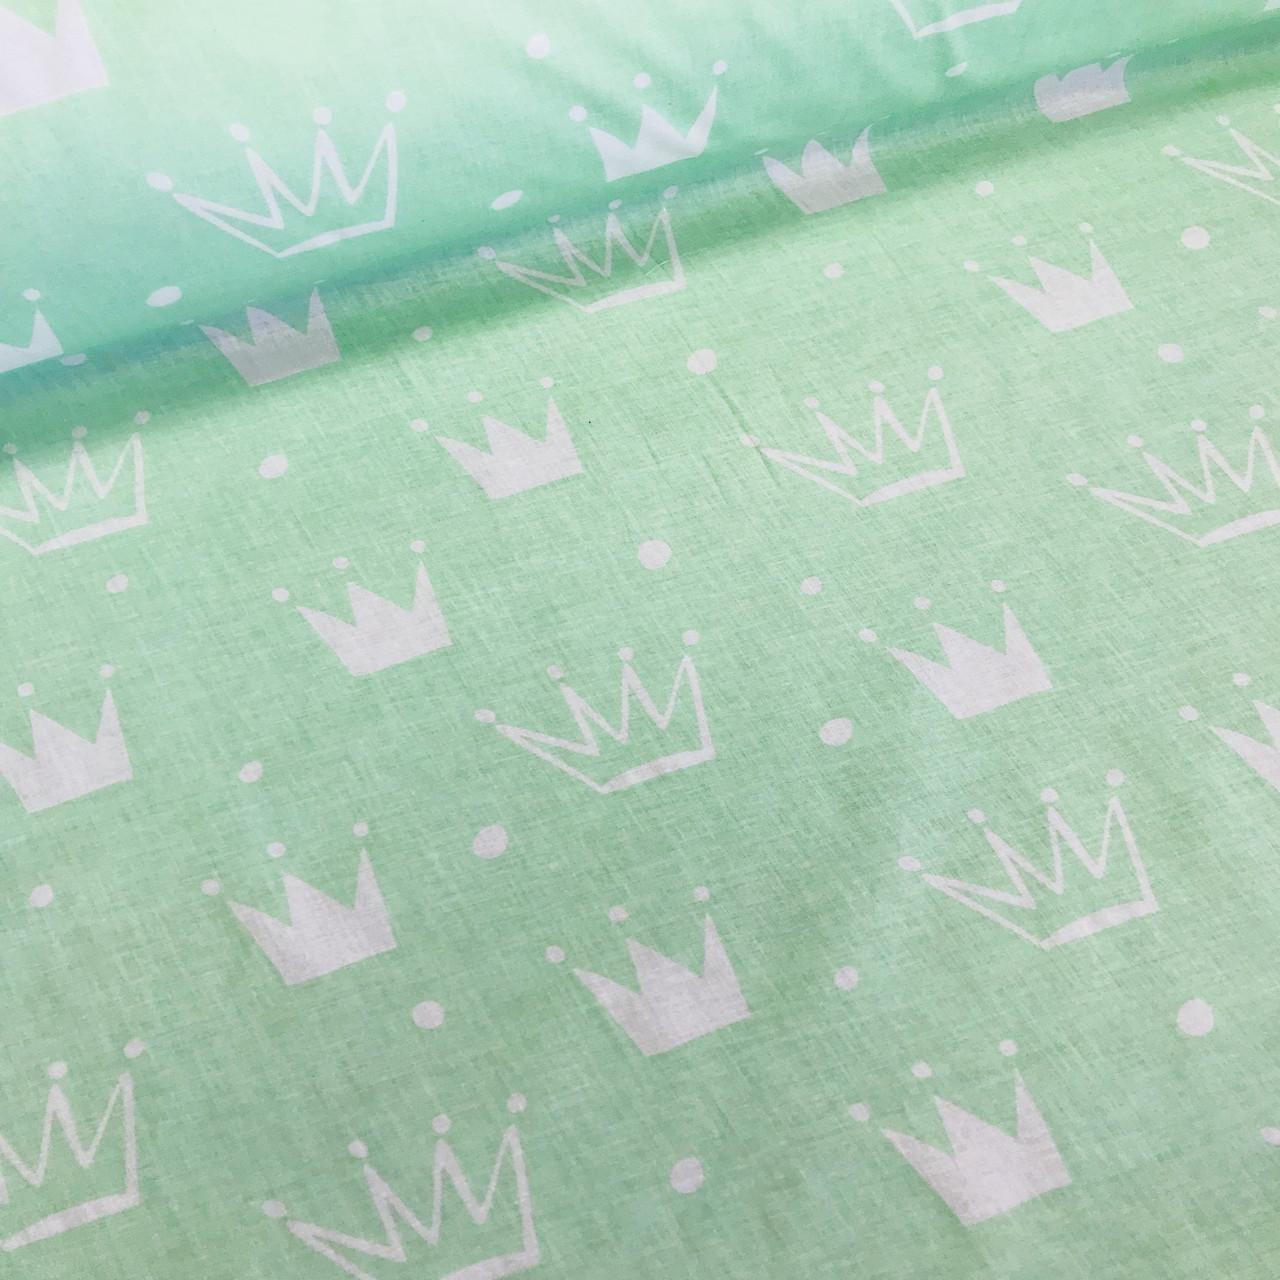 Хлопковая ткань бязь польская белые и мятные короны разного размера на мятном